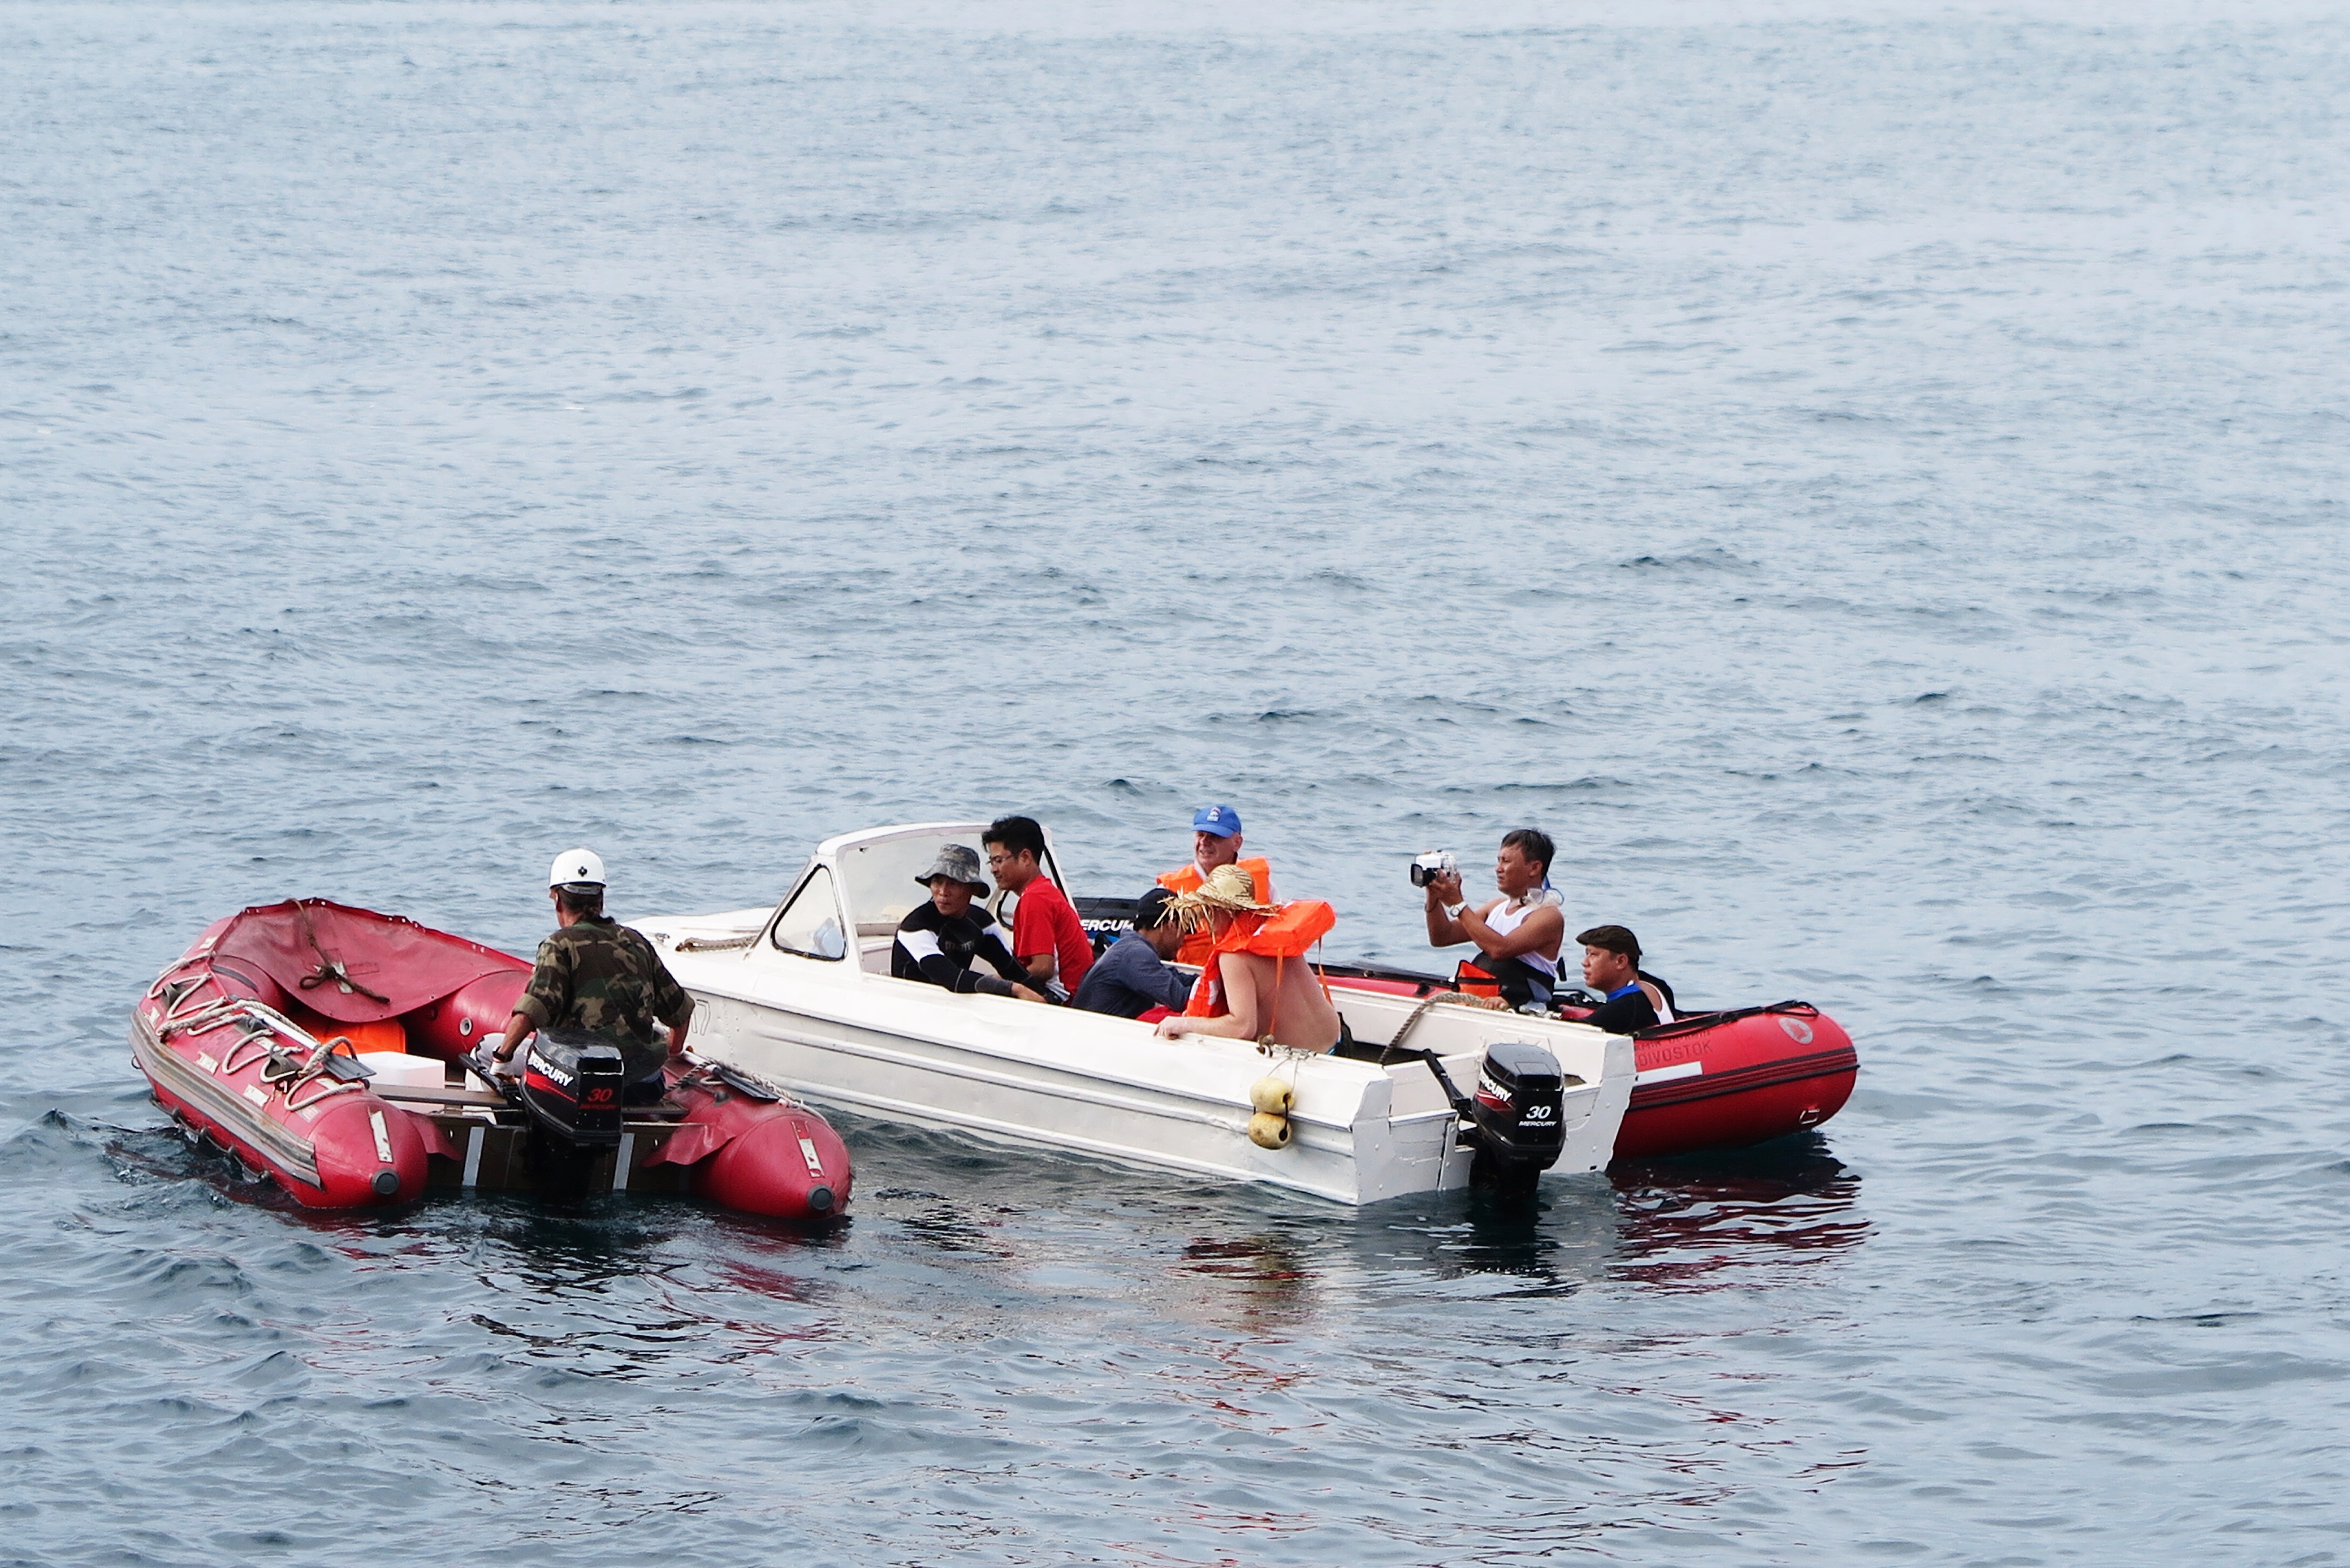 Một nhóm nhà khoa học Việt - Nga khi đang khảo sát trên biển - Ảnh: các nhà khoa học